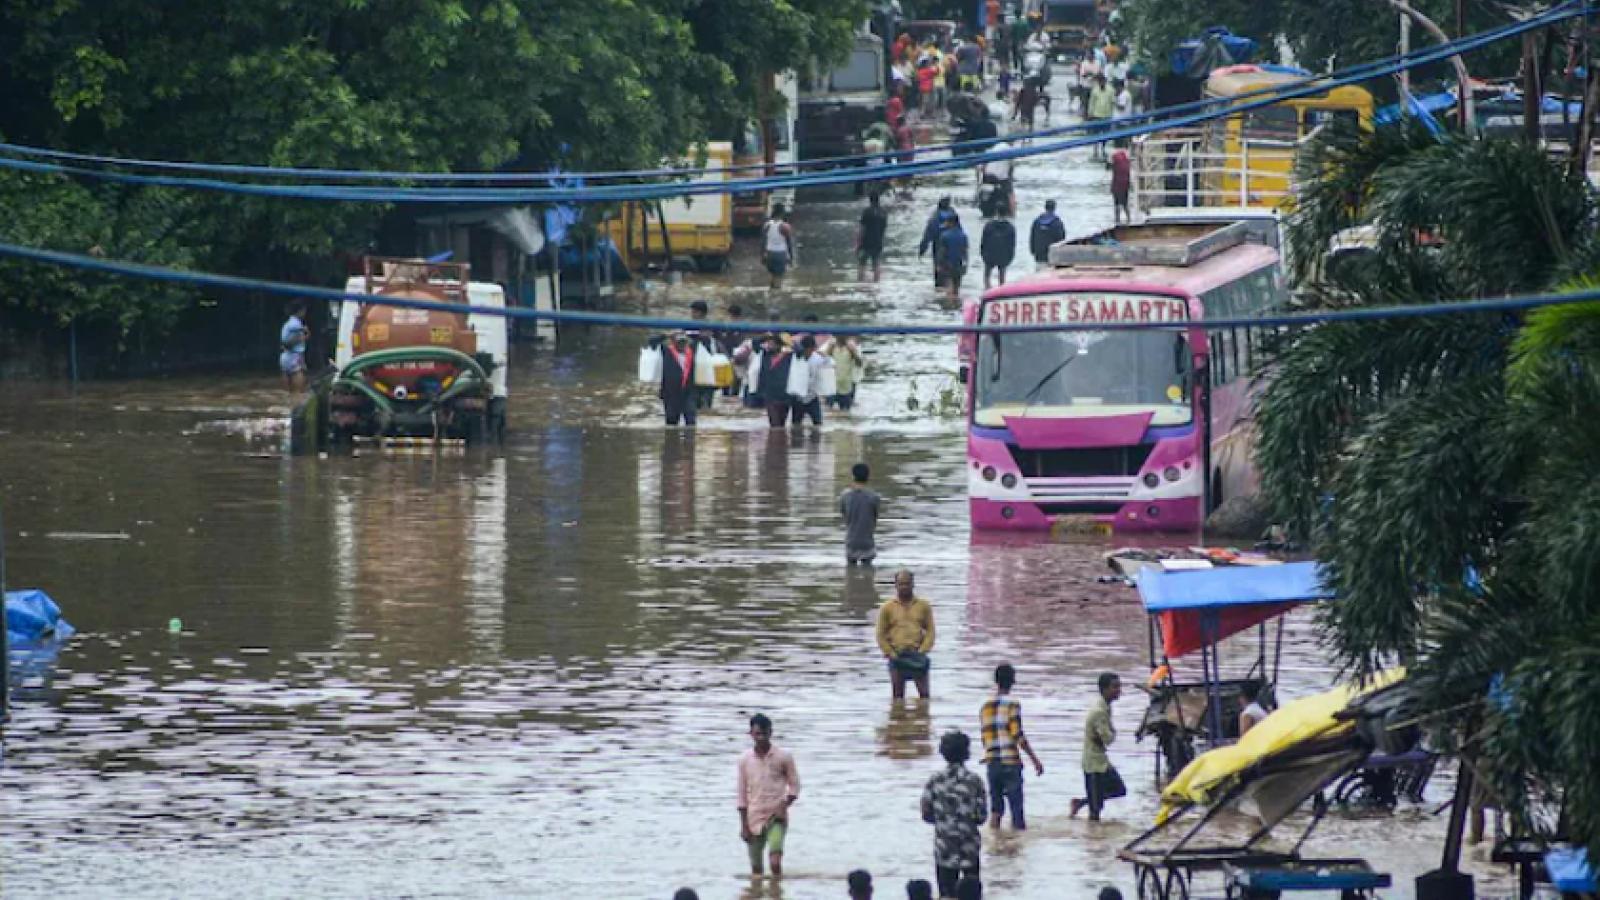 Lũ lụt nghiêm trọng ở Ấn Độ làm 136 người thiệt mạng